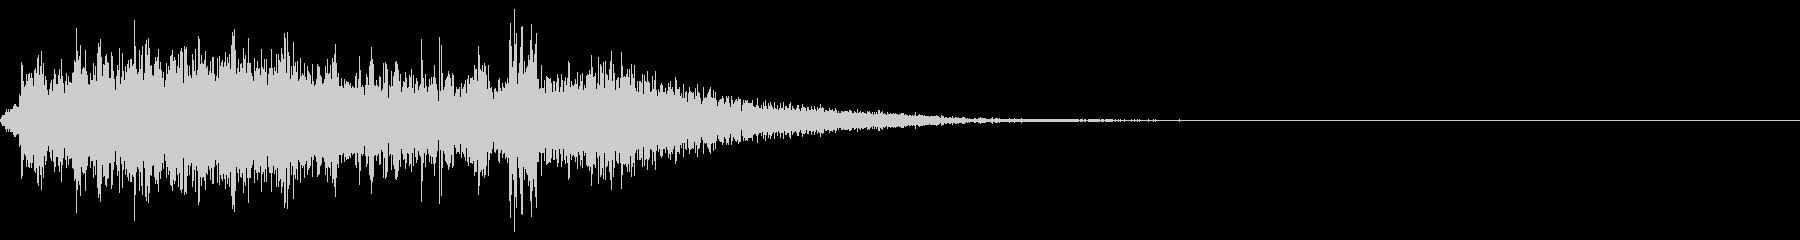 ウィーンガチャ(アイテムボックスを開く)の未再生の波形